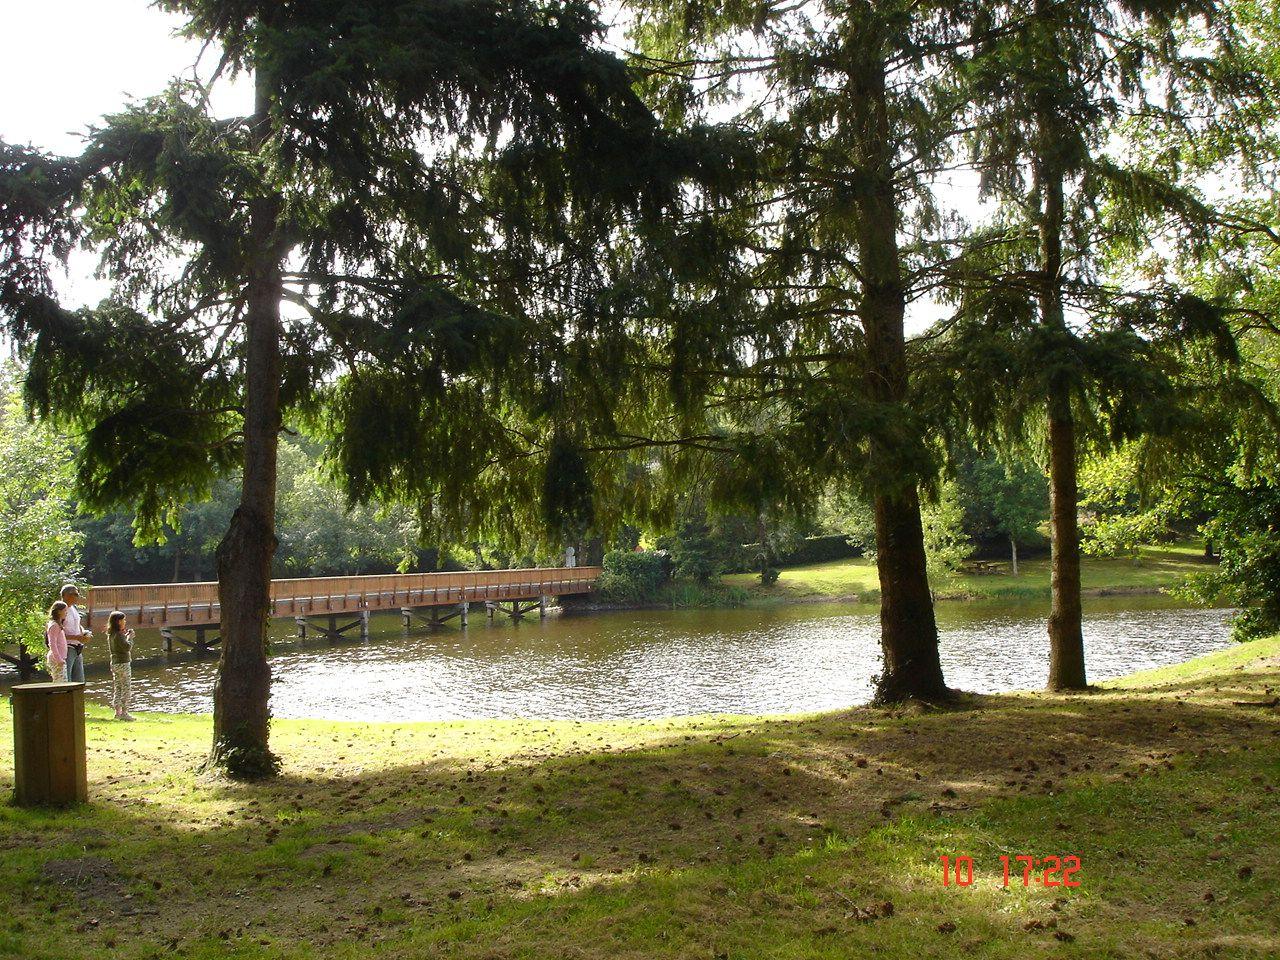 le pont lac de finfarine 1 km